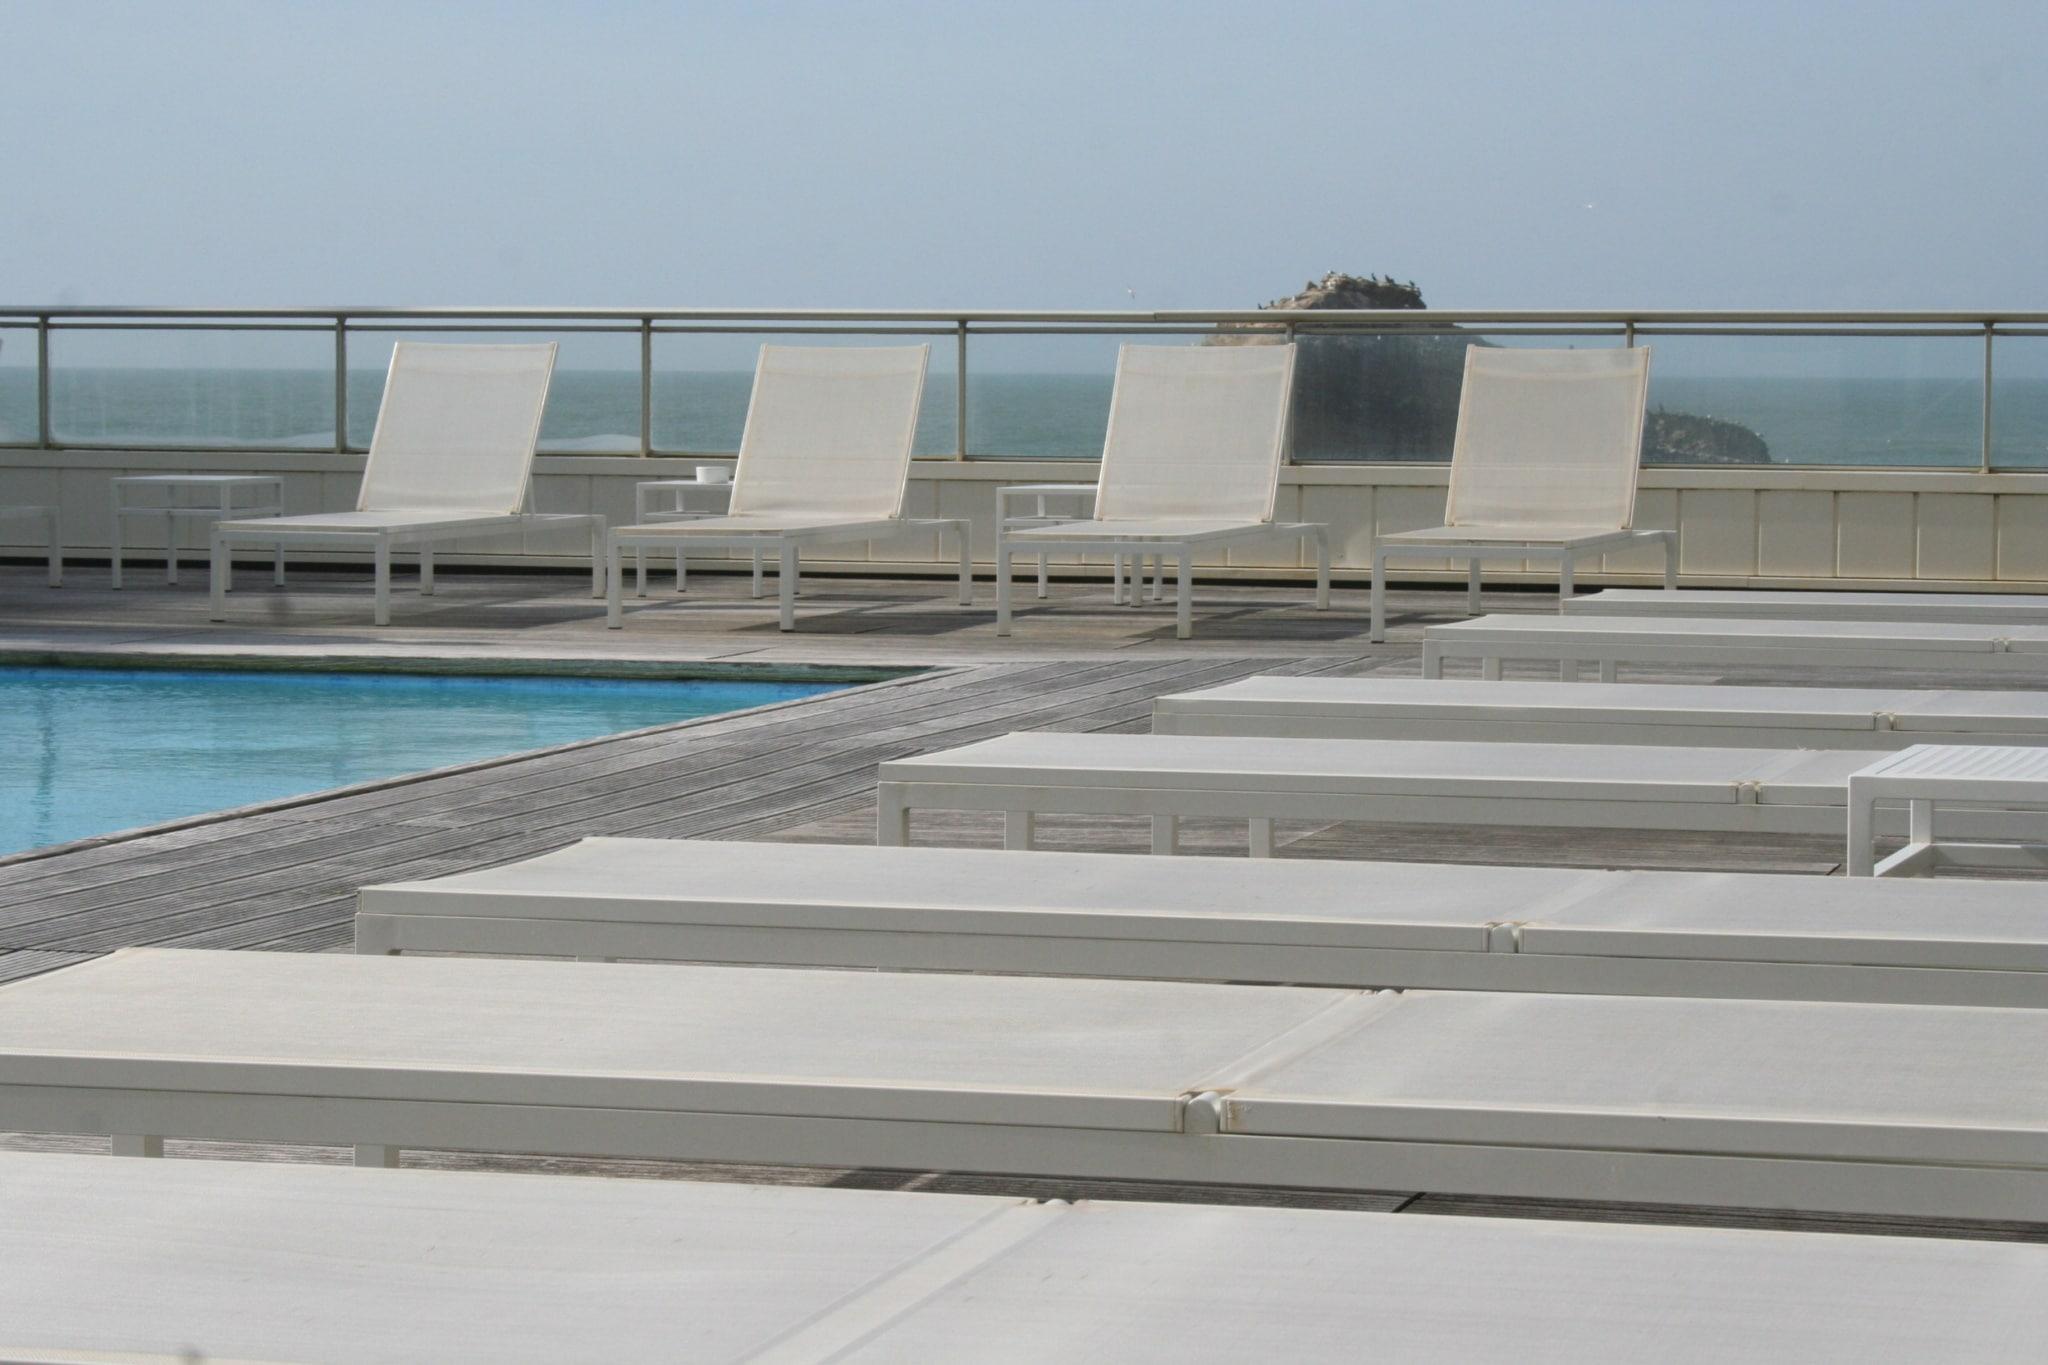 sejour-thalasso-biarritz-miramar-sofitel-piscine-extérieure ©CDT64